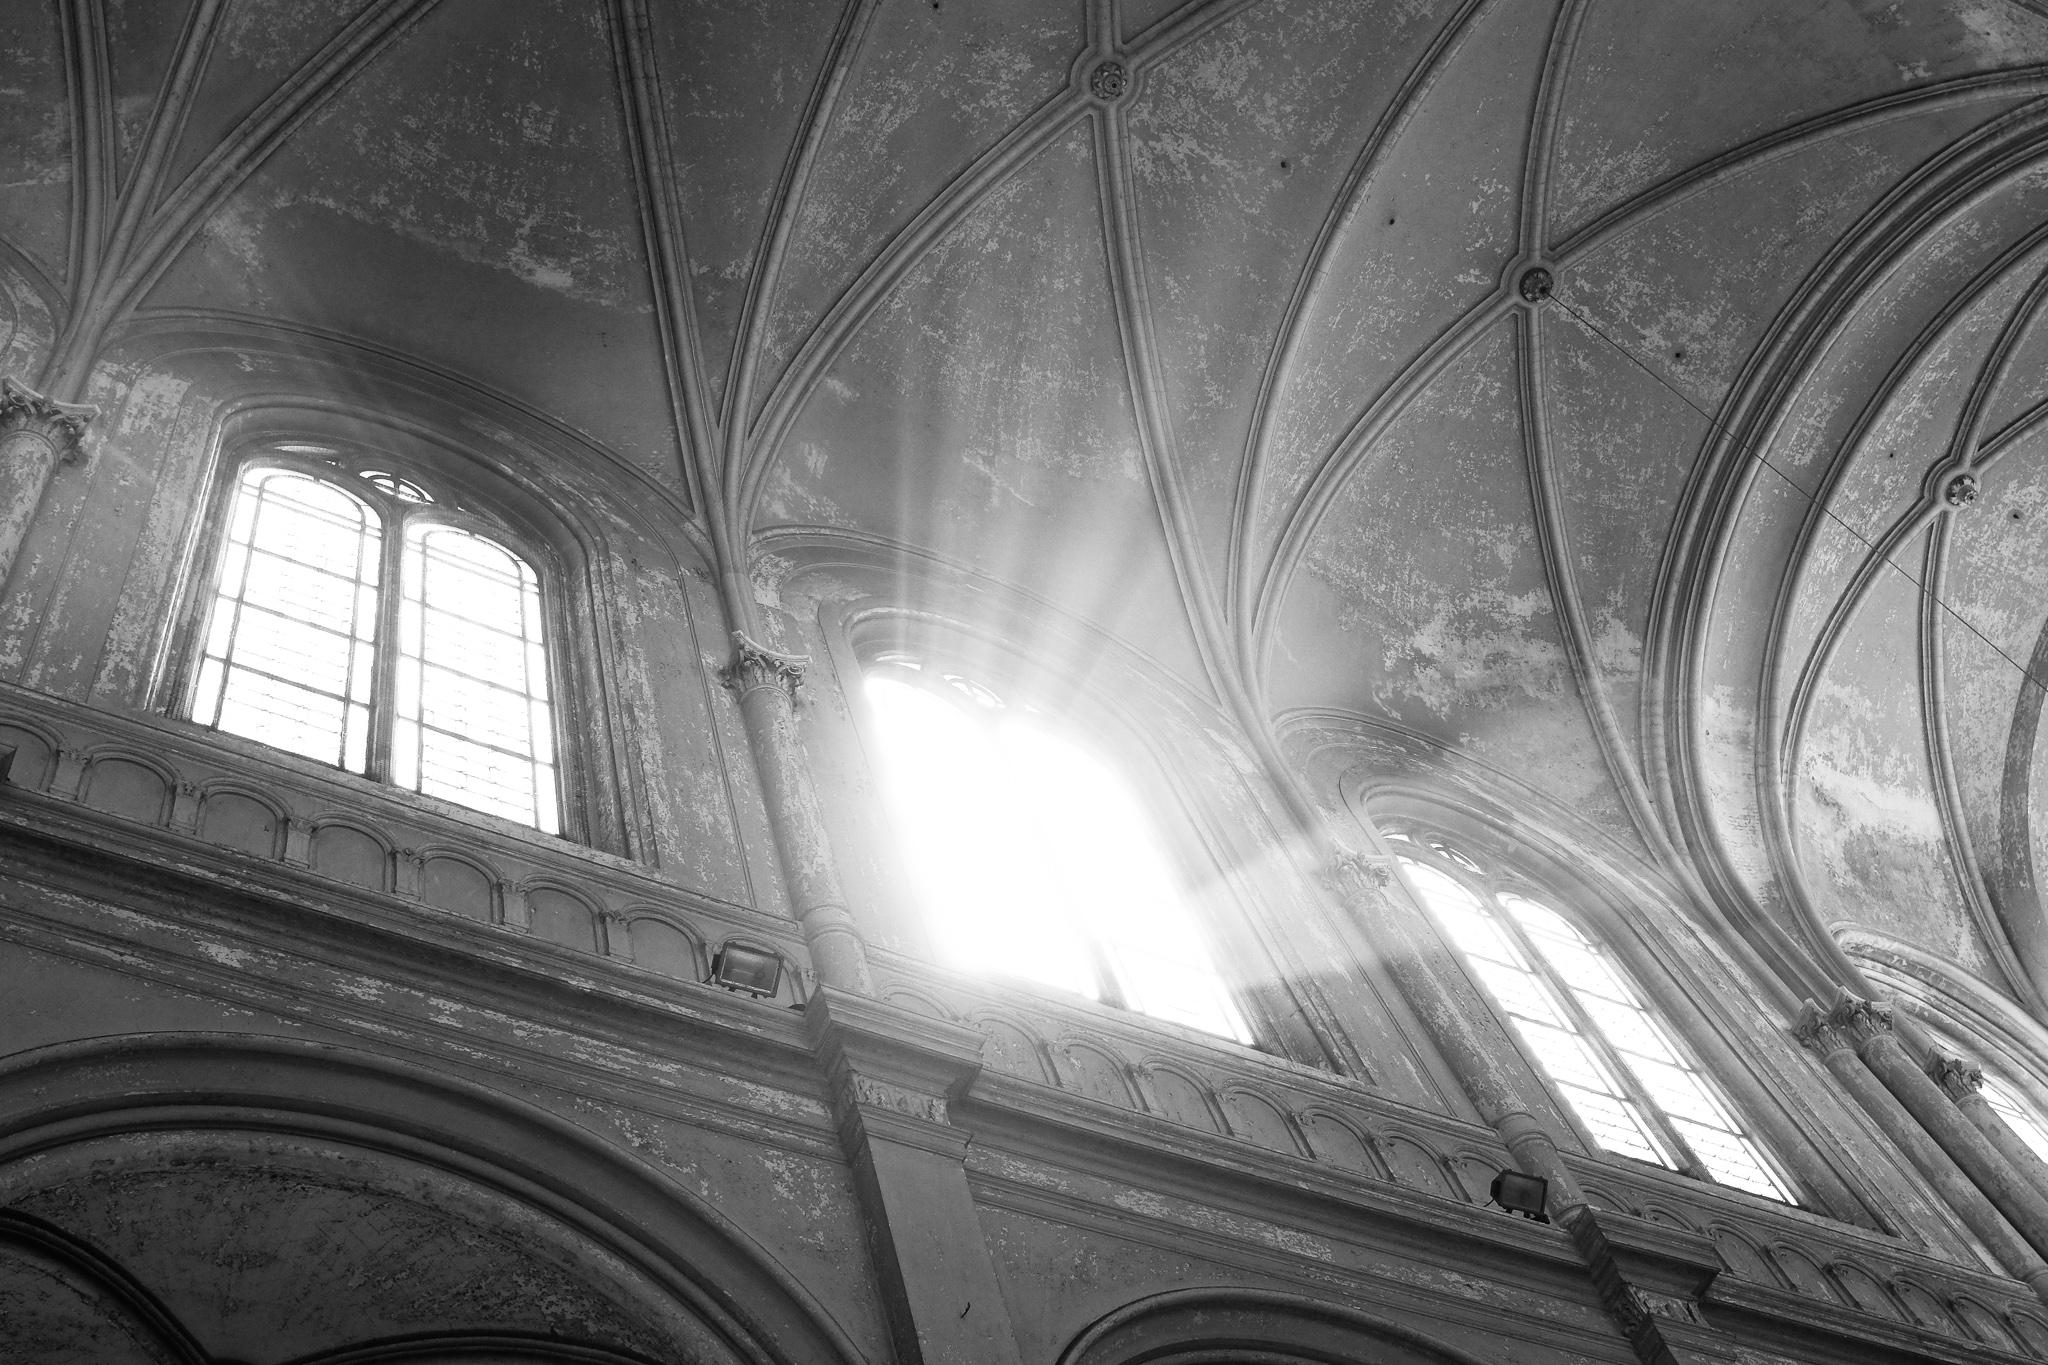 3116-architecture-in-belgium.jpg